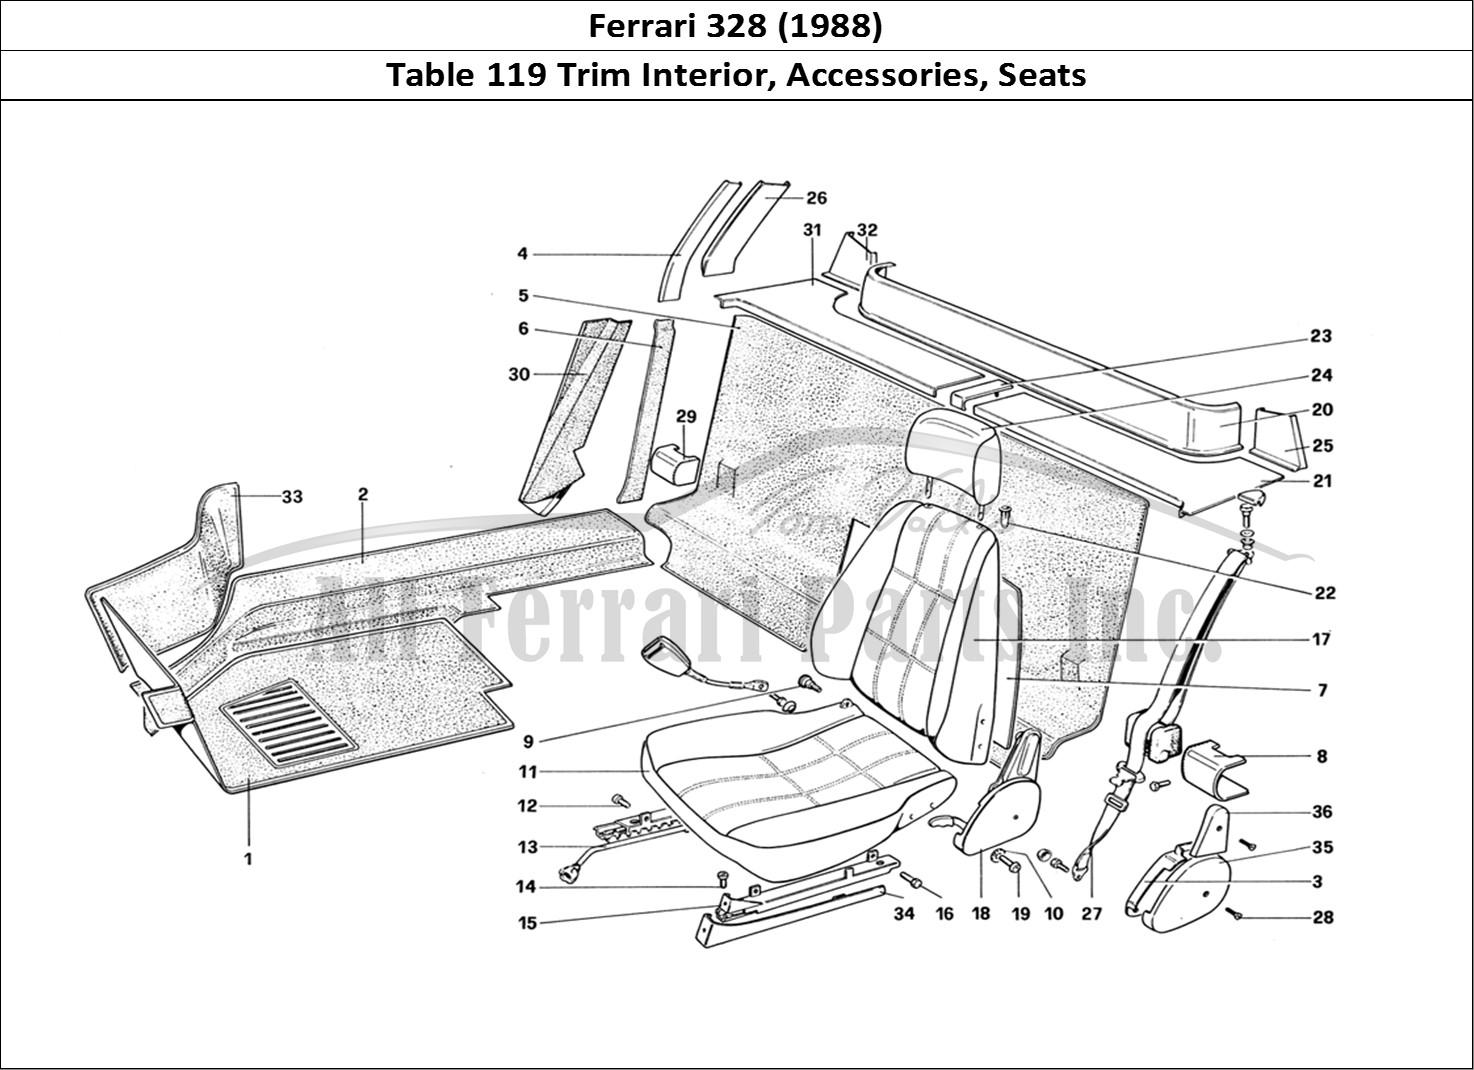 Buy original Ferrari 328 (1988) 119 Trim Interior